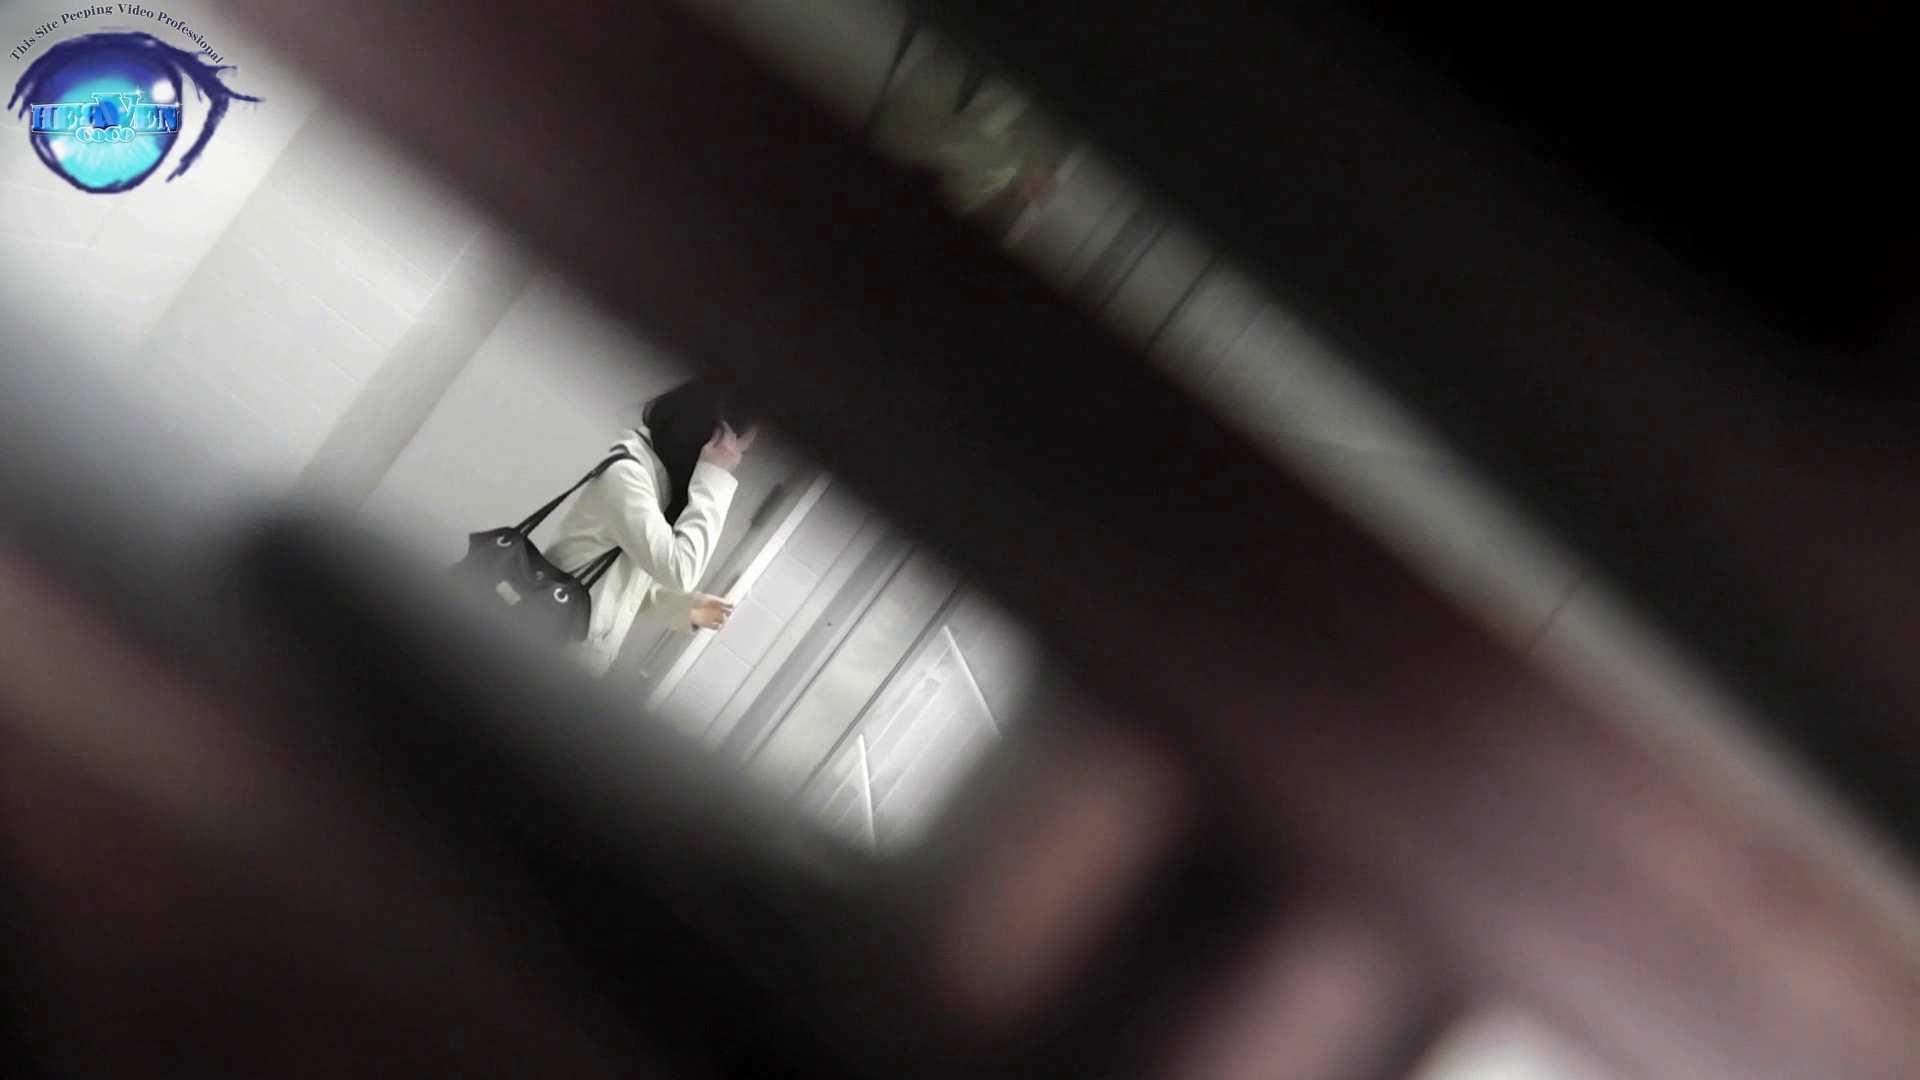 お銀さん vol.59 ピンチ!!「鏡の前で祈る女性」にばれる危機 前編 OLセックス   0  86画像 41